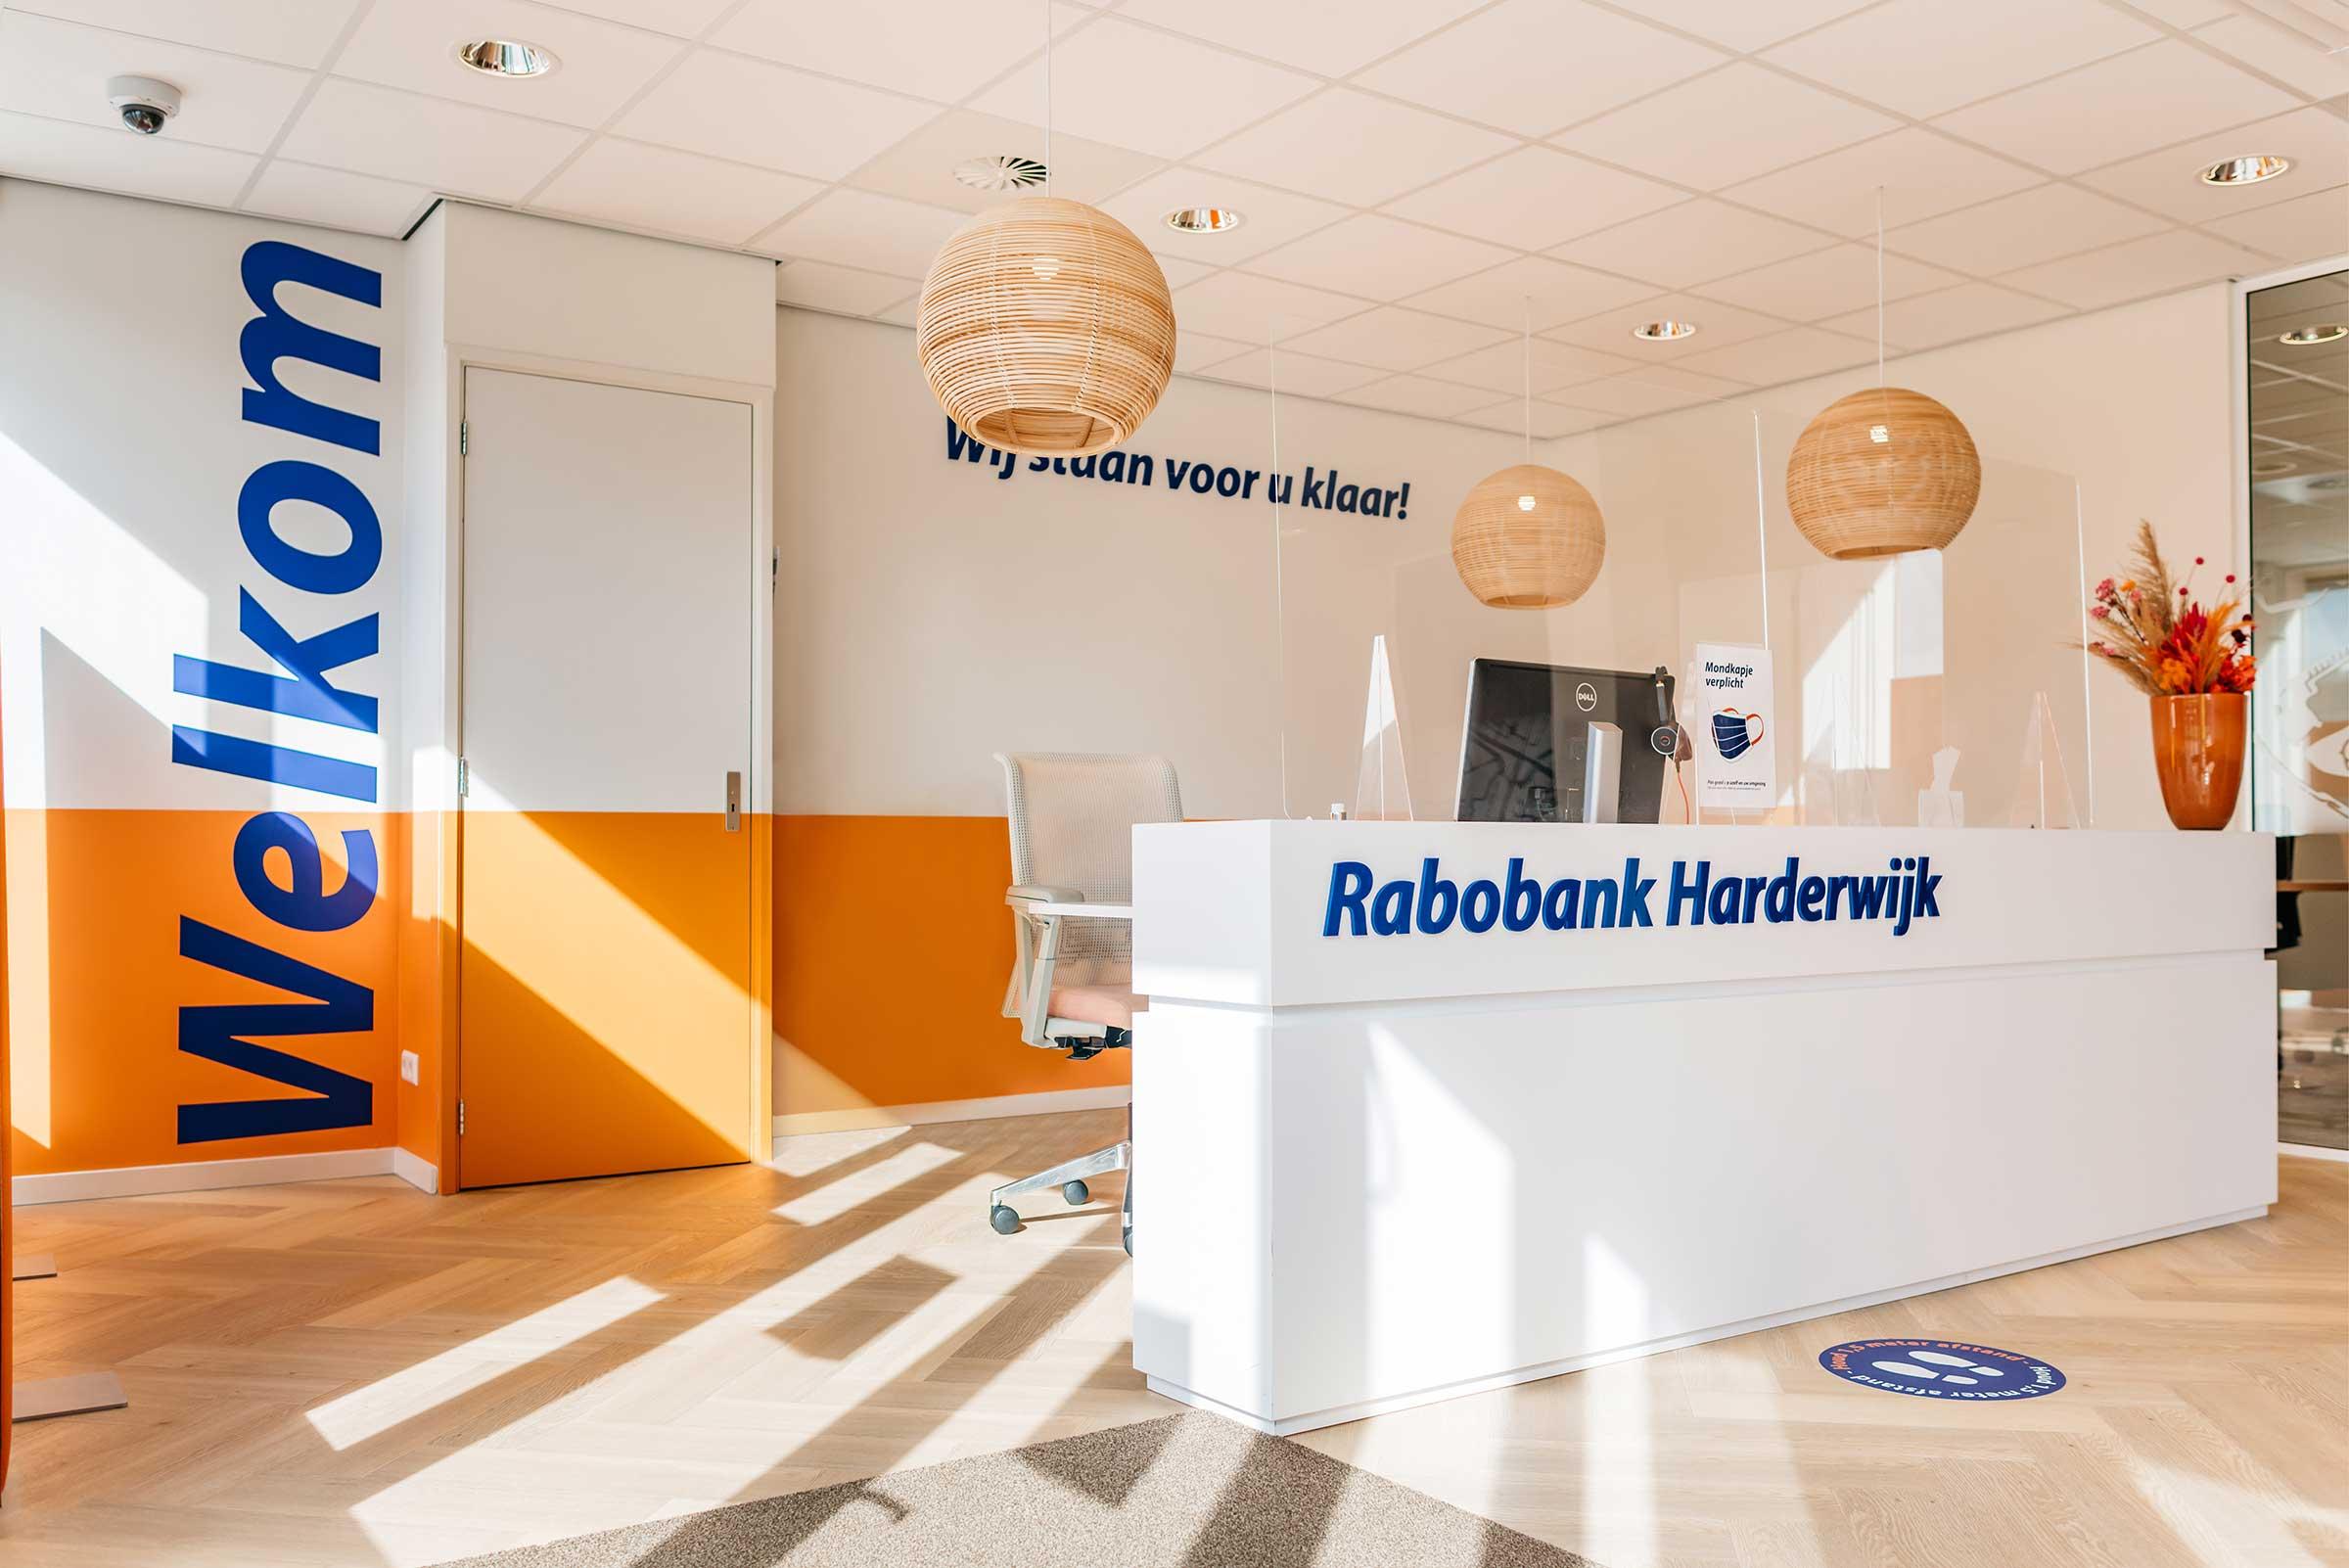 Rabobank-Harderwijk-Ontvangstbalie-Overview-Signploeg